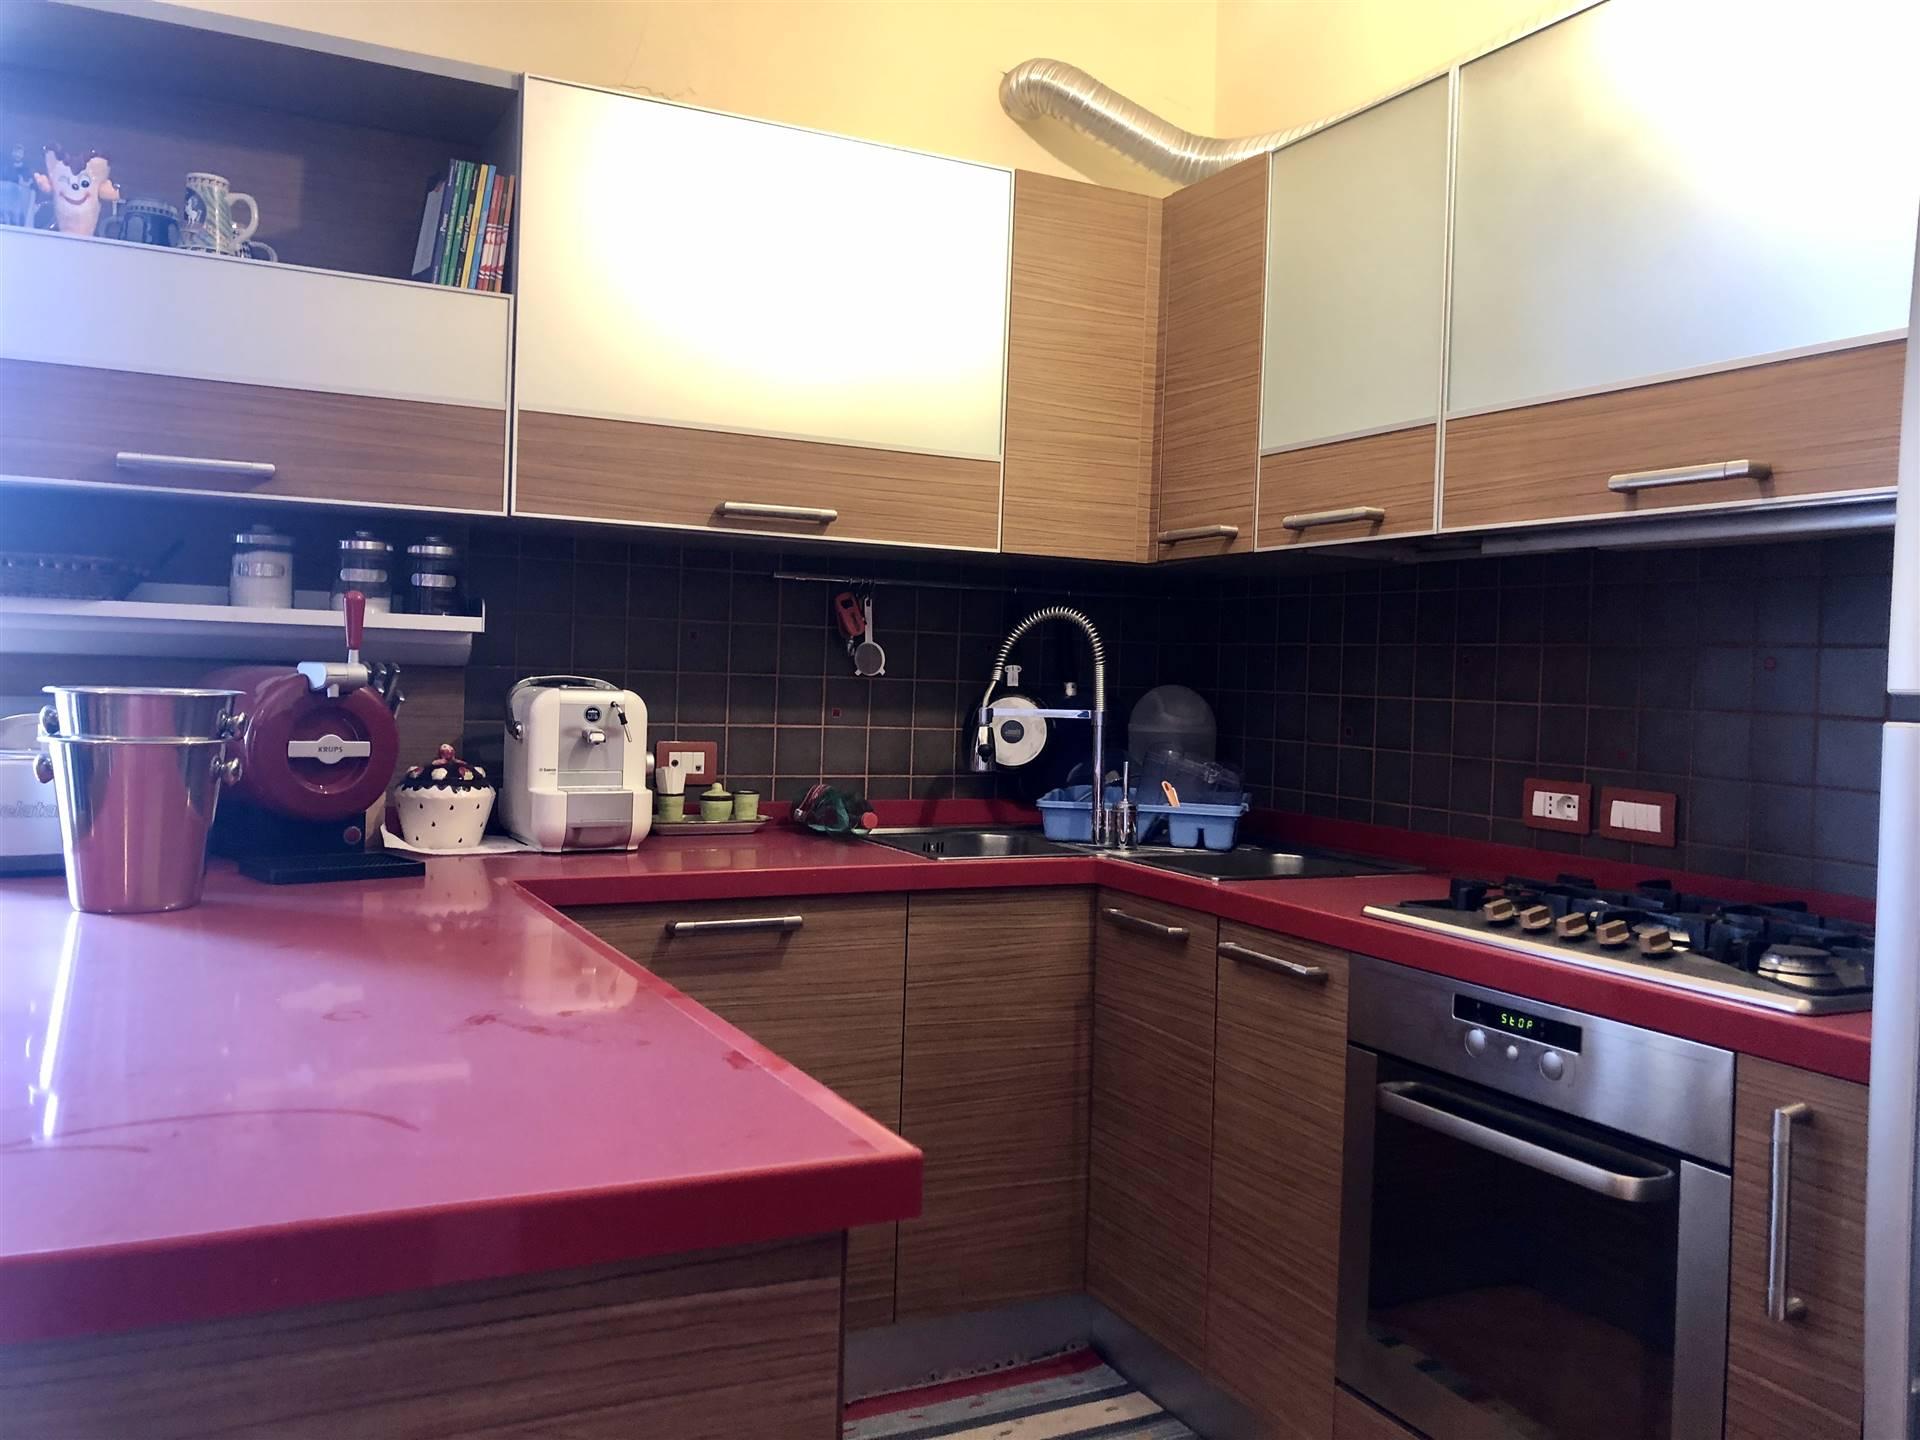 Appartamento in vendita a Rometta, 3 locali, zona Località: ROMETTA MAREA, prezzo € 120.000 | PortaleAgenzieImmobiliari.it